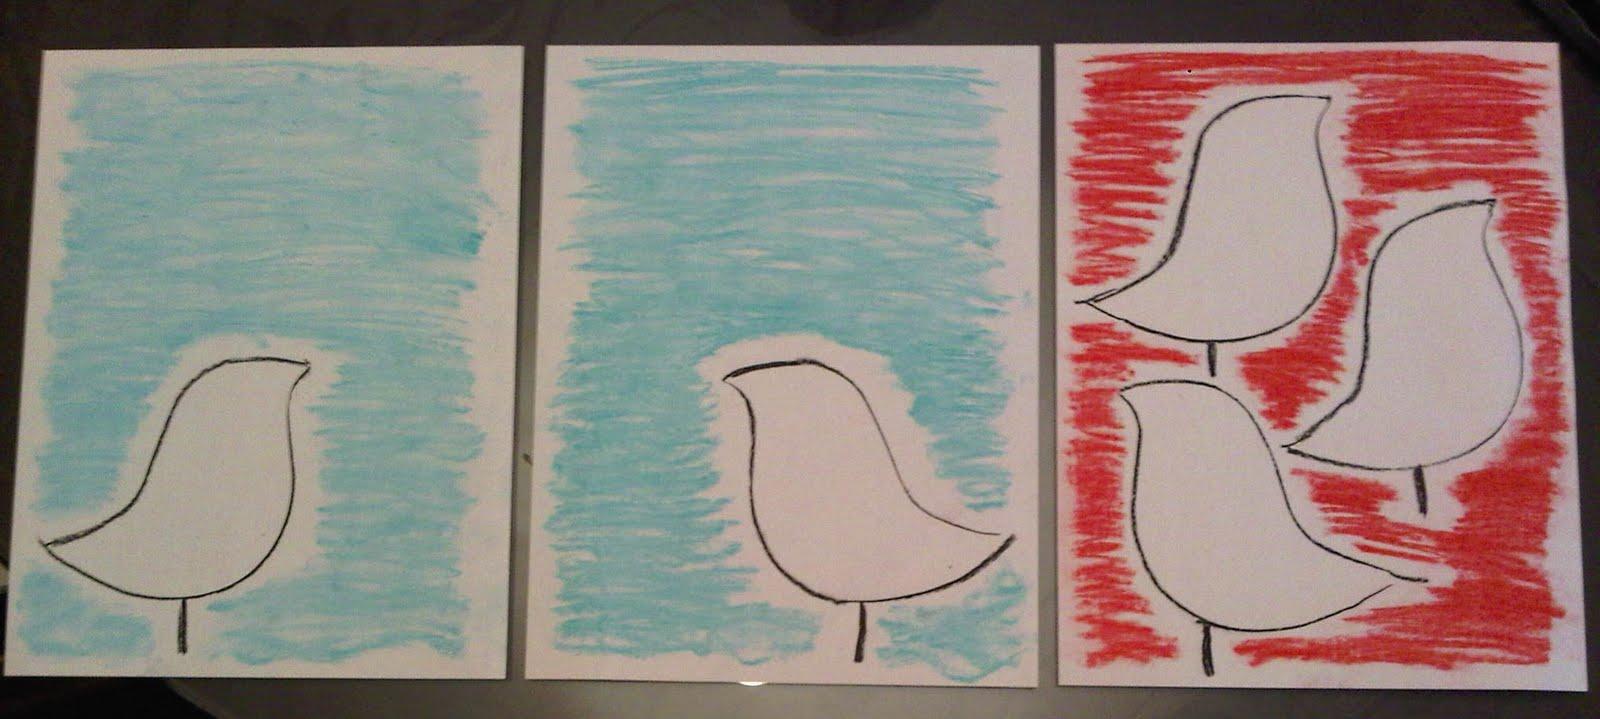 2.bp.blogspot.com__-dvsPmEluA0_TNVOSoOg3nI_AAAAAAAAAy8_KB9A0V9OggI_s1600_three+birdies